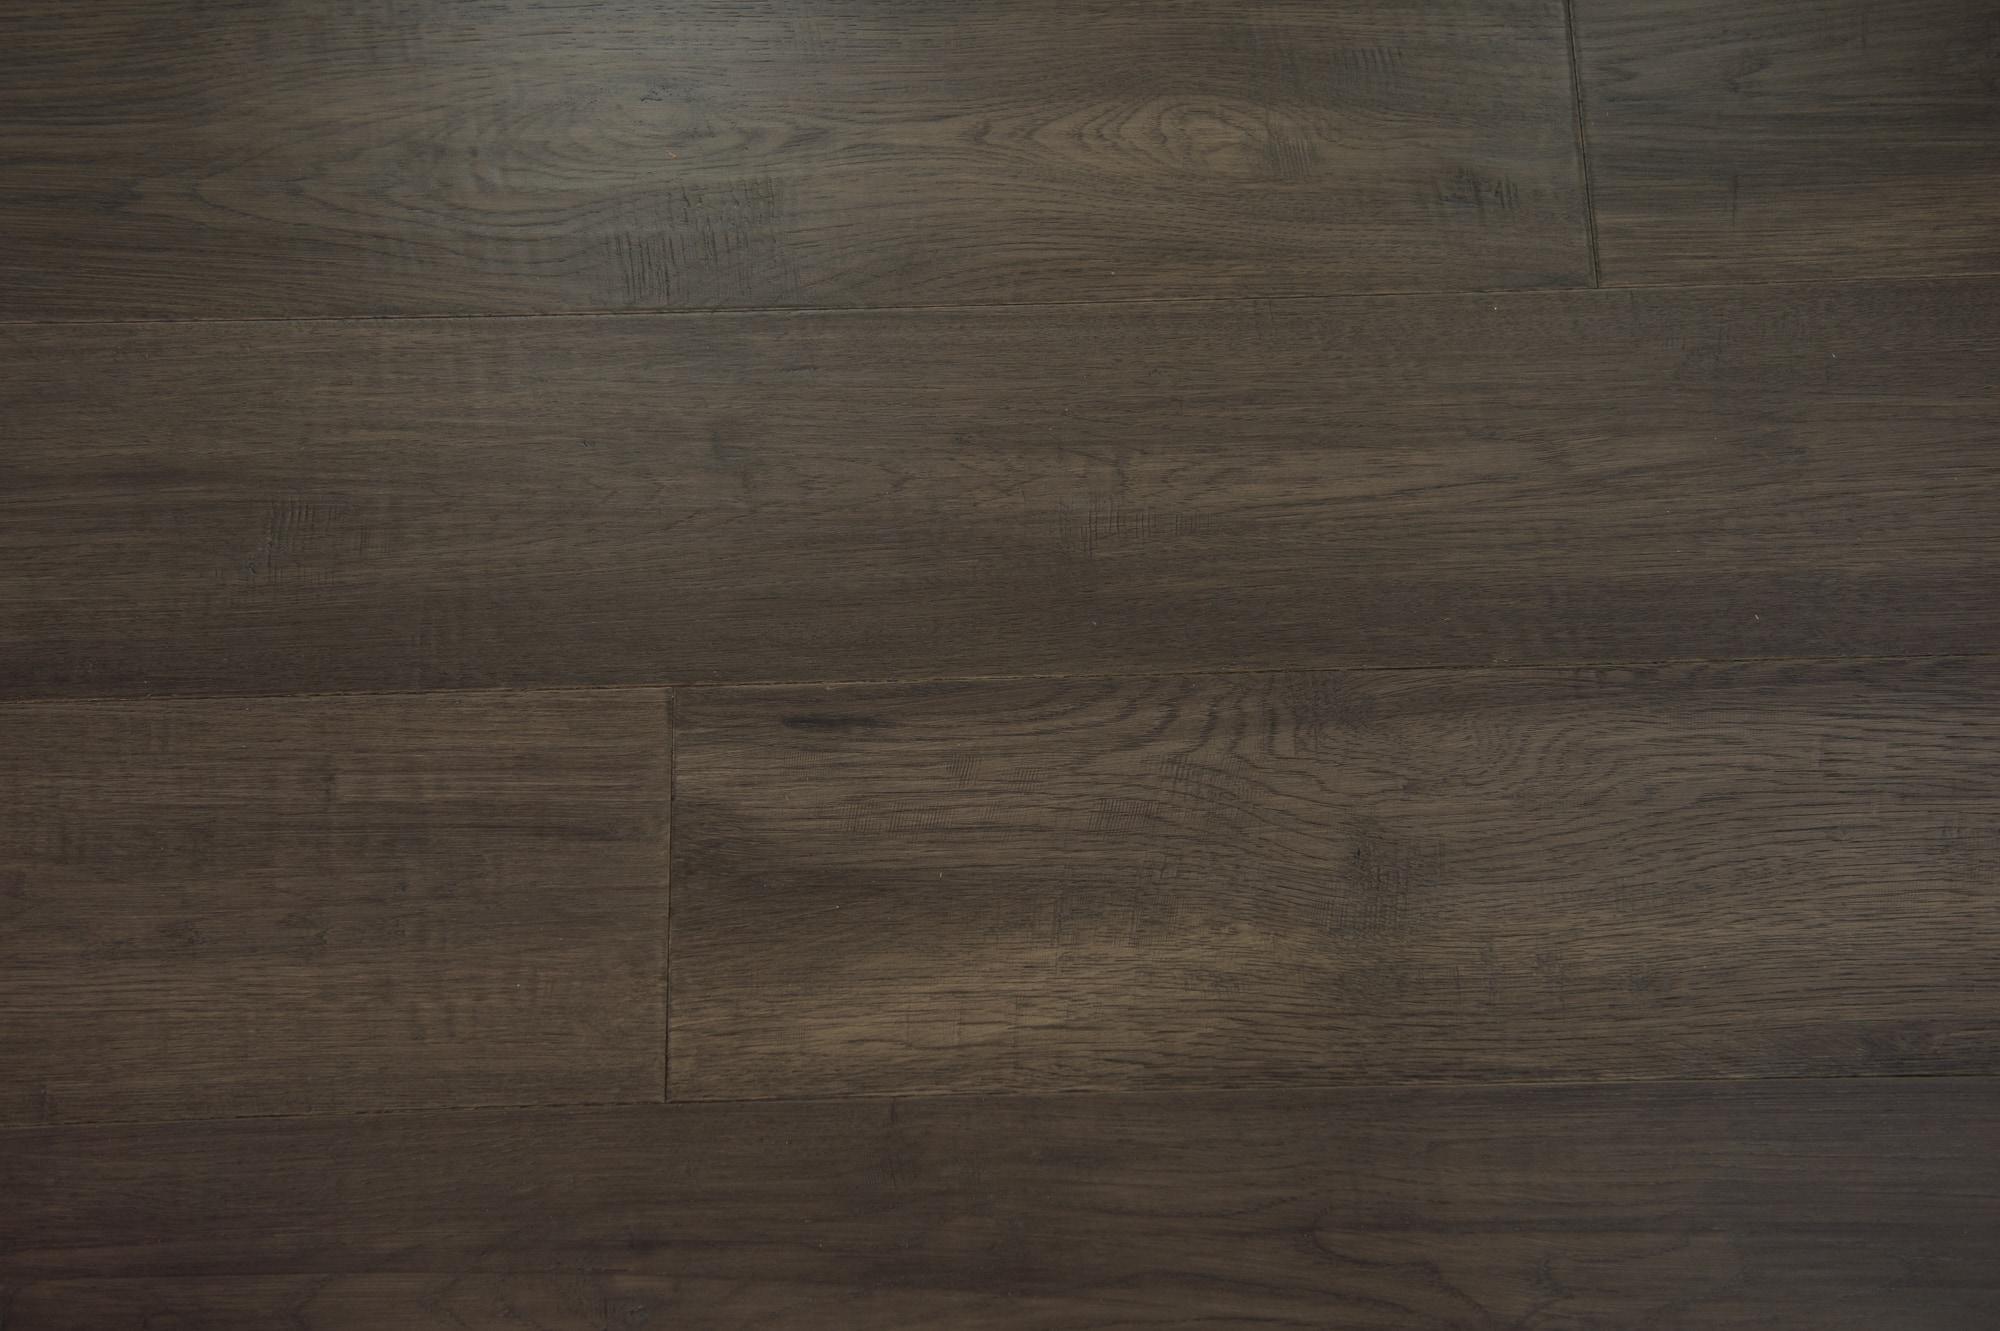 Clove / Hickory / Urethane / ABC / Sample Engineered Hardwood - Hickory - Yosemite Collection 0